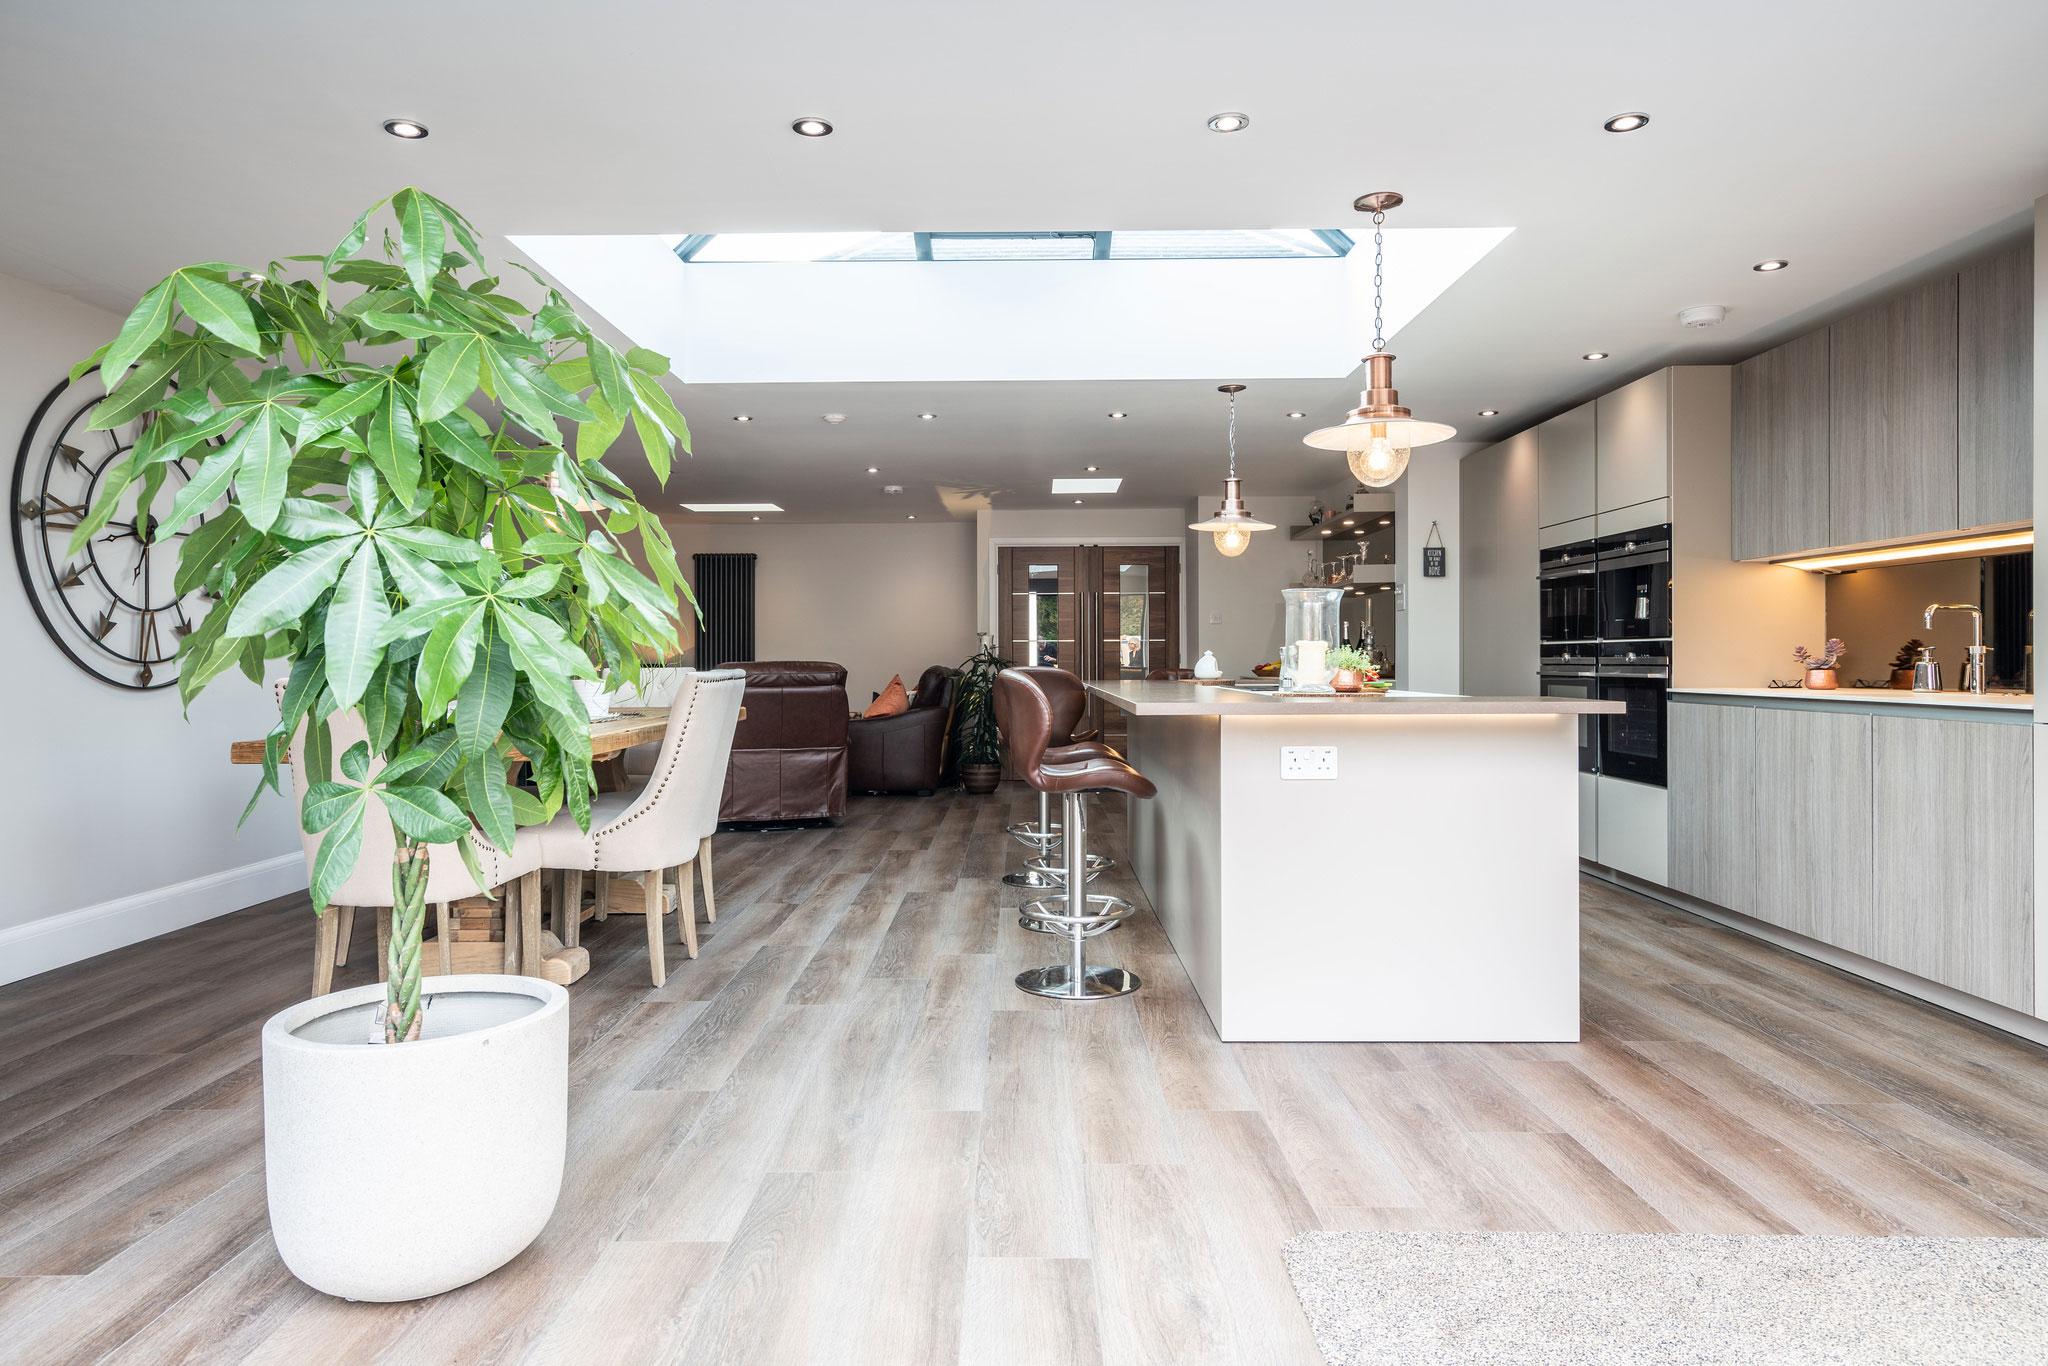 Image of Myers Touch Daniels Kitchen 01224 ZF 2442 14358 1 069 in Ein Raum, der für Geselligkeit bestimmt ist - Cosentino